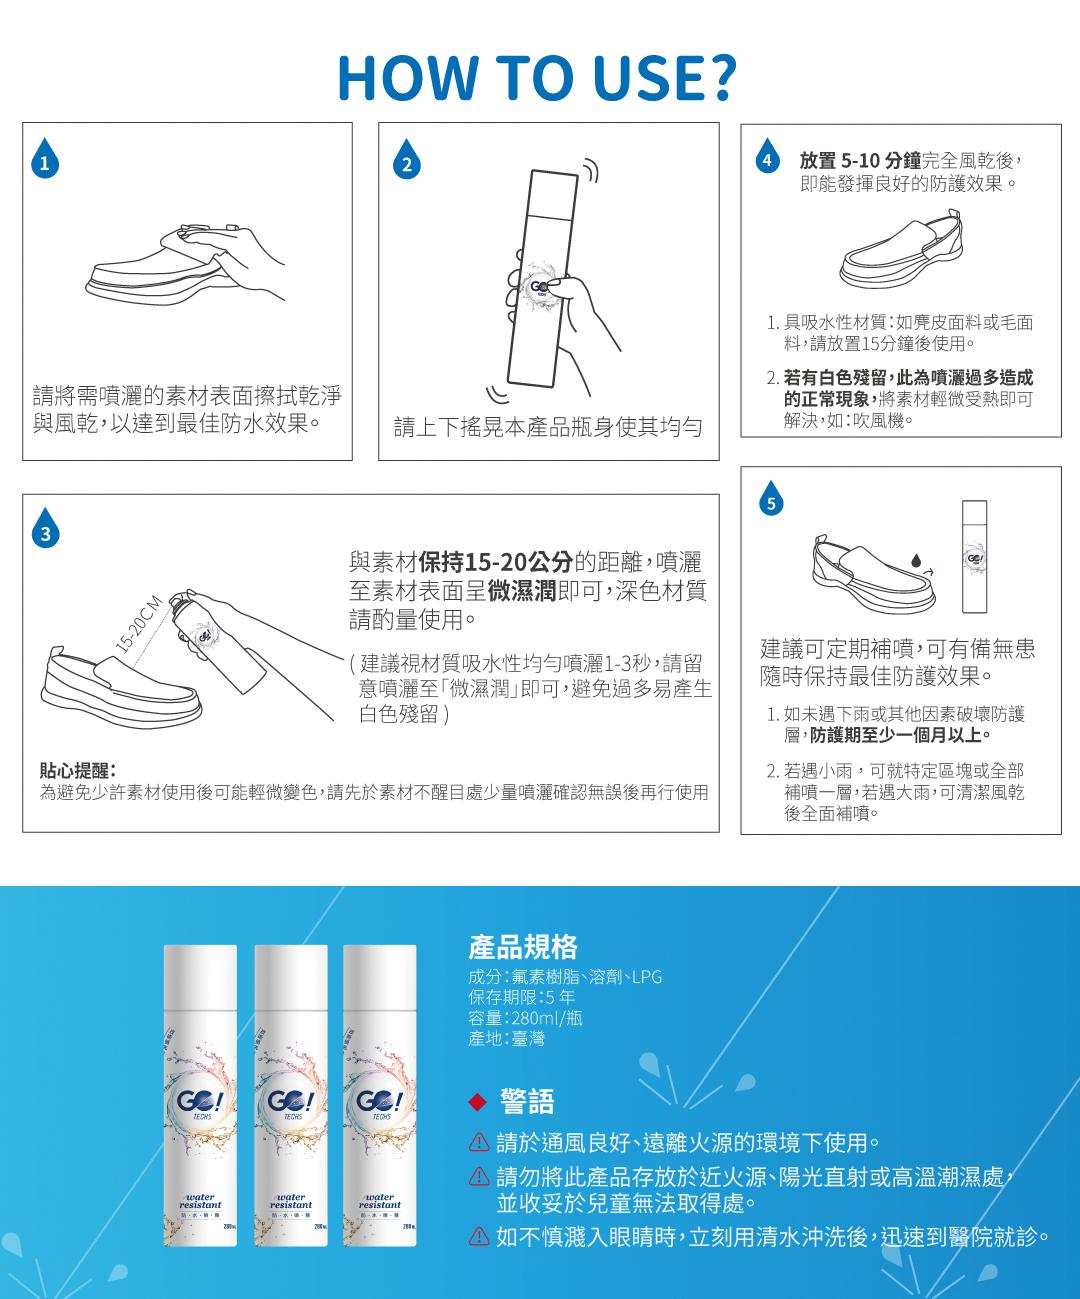 高適用性 不傷材質 不影響透氣 長效防水防油髒污